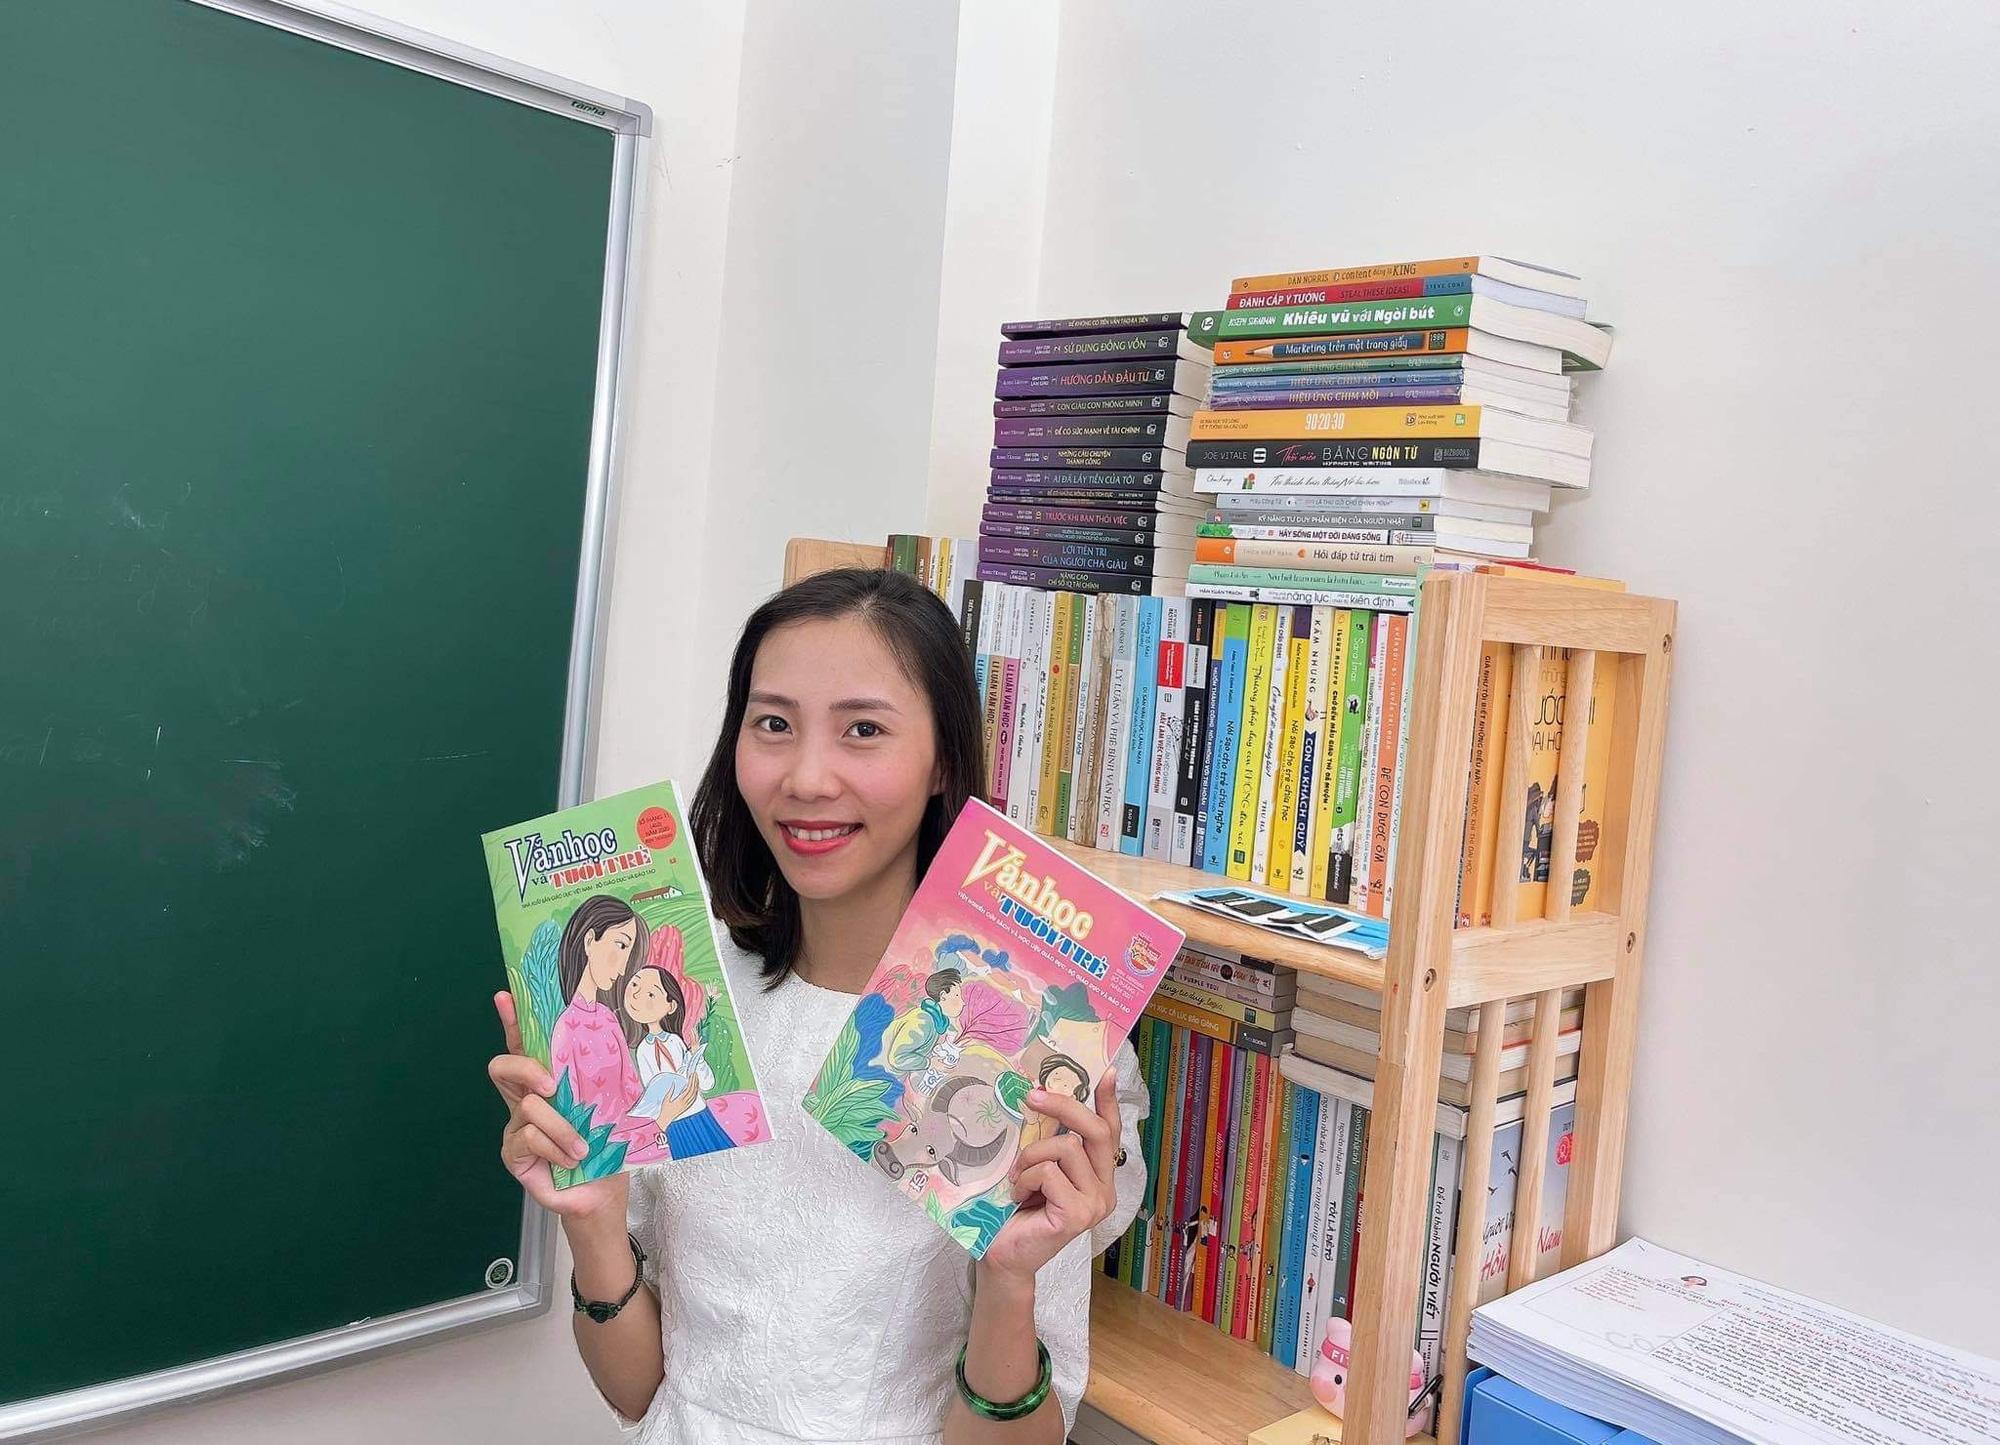 Giảng Văn online Trần Thị Thùy Dương - từ niềm đam mê môn Văn bất tận đến tình yêu dạy học trực tuyến - Ảnh 3.